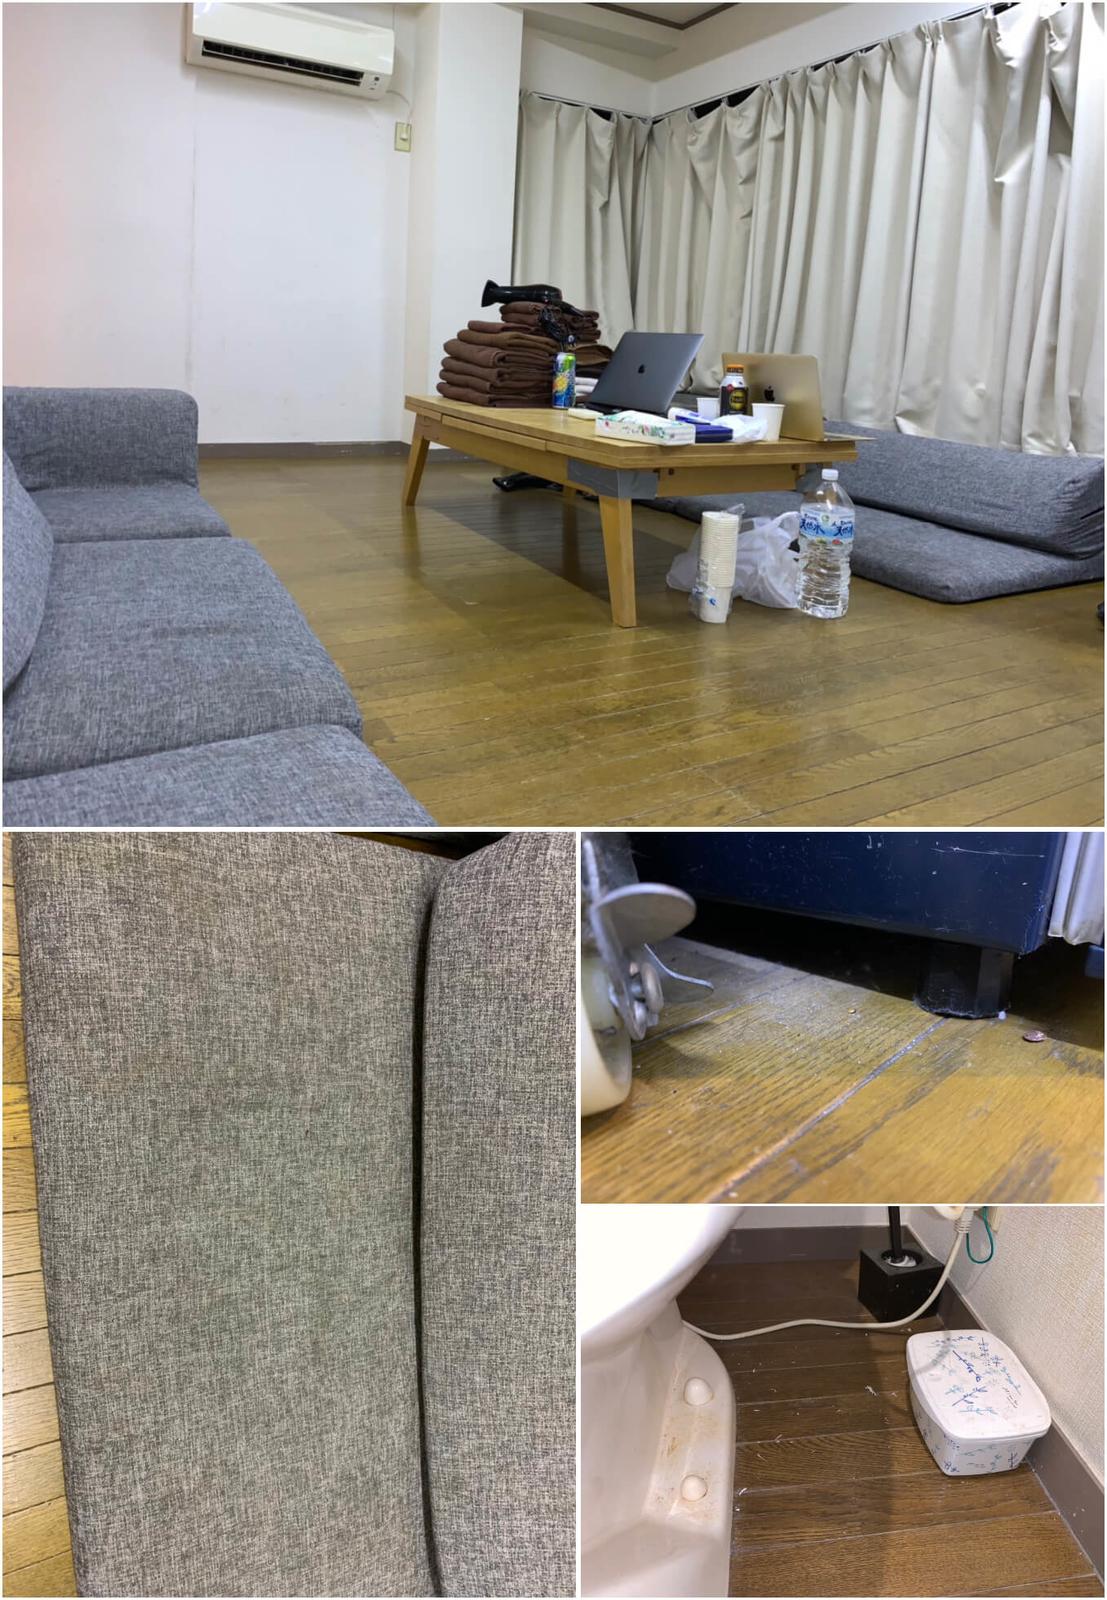 実際に泊まりに行くとこのような有様でした...写真と全く違い清潔感もテーブルもカーペットもありませんでした